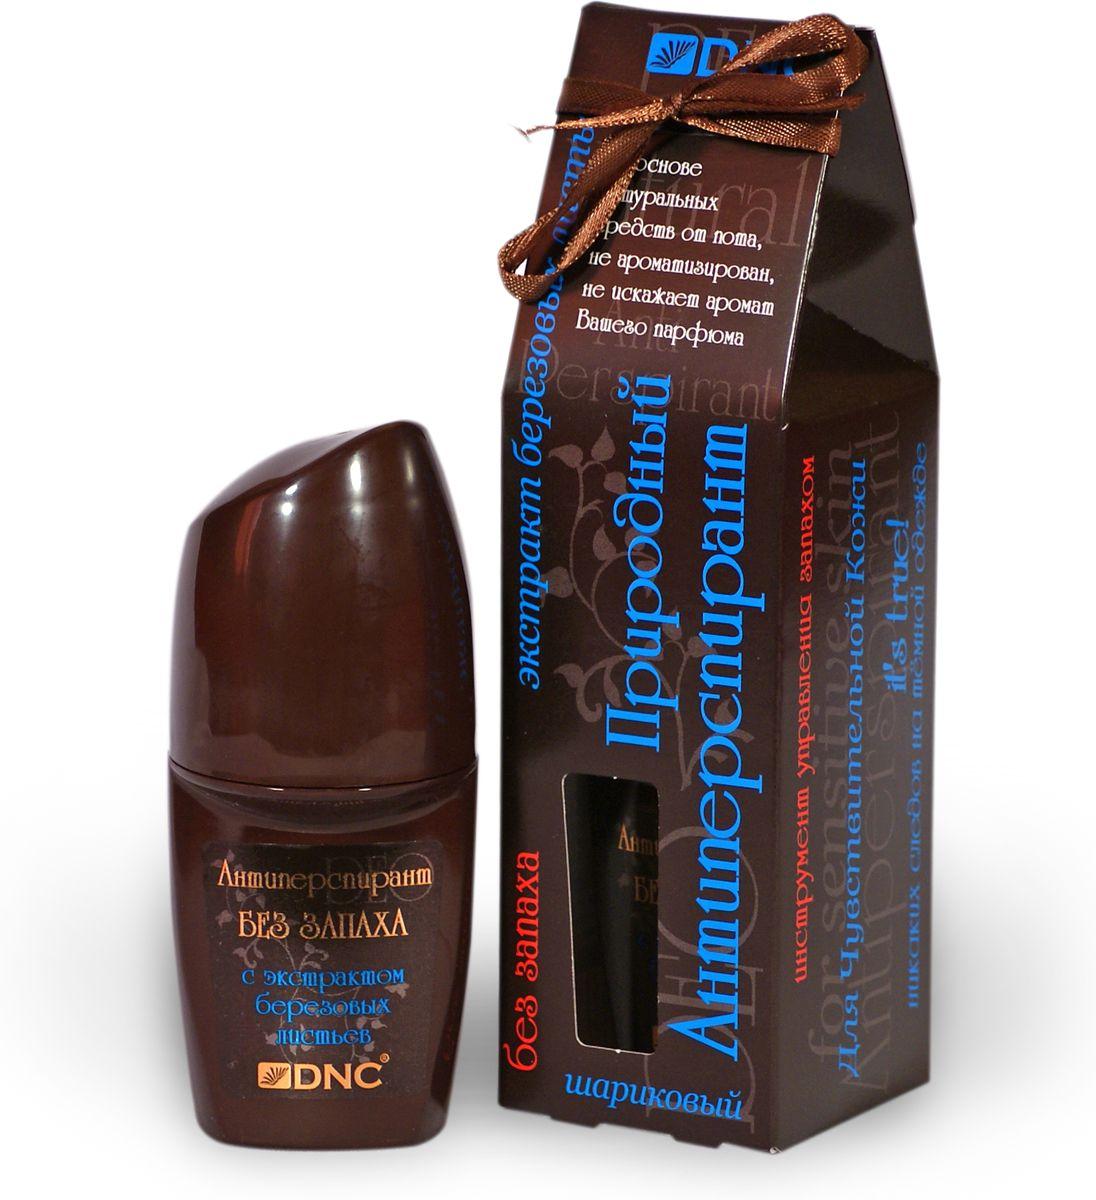 Природный антиперспирант DNC Экстракт березовых листьев, шариковый, для чувствительной кожи, без запаха, 50 мл4751006754812Уменьшает выделение пота и препятствует появлению влажных пятен. Исключает возникновение запаха пота в течение 24 часов. Работает деликатно и действенно - на основе природных компонентов. Безопасен для чувствительной кожи. Легко наносится и быстро высыхает, не оставляя следов на одежде. Пластик, 50 мл.